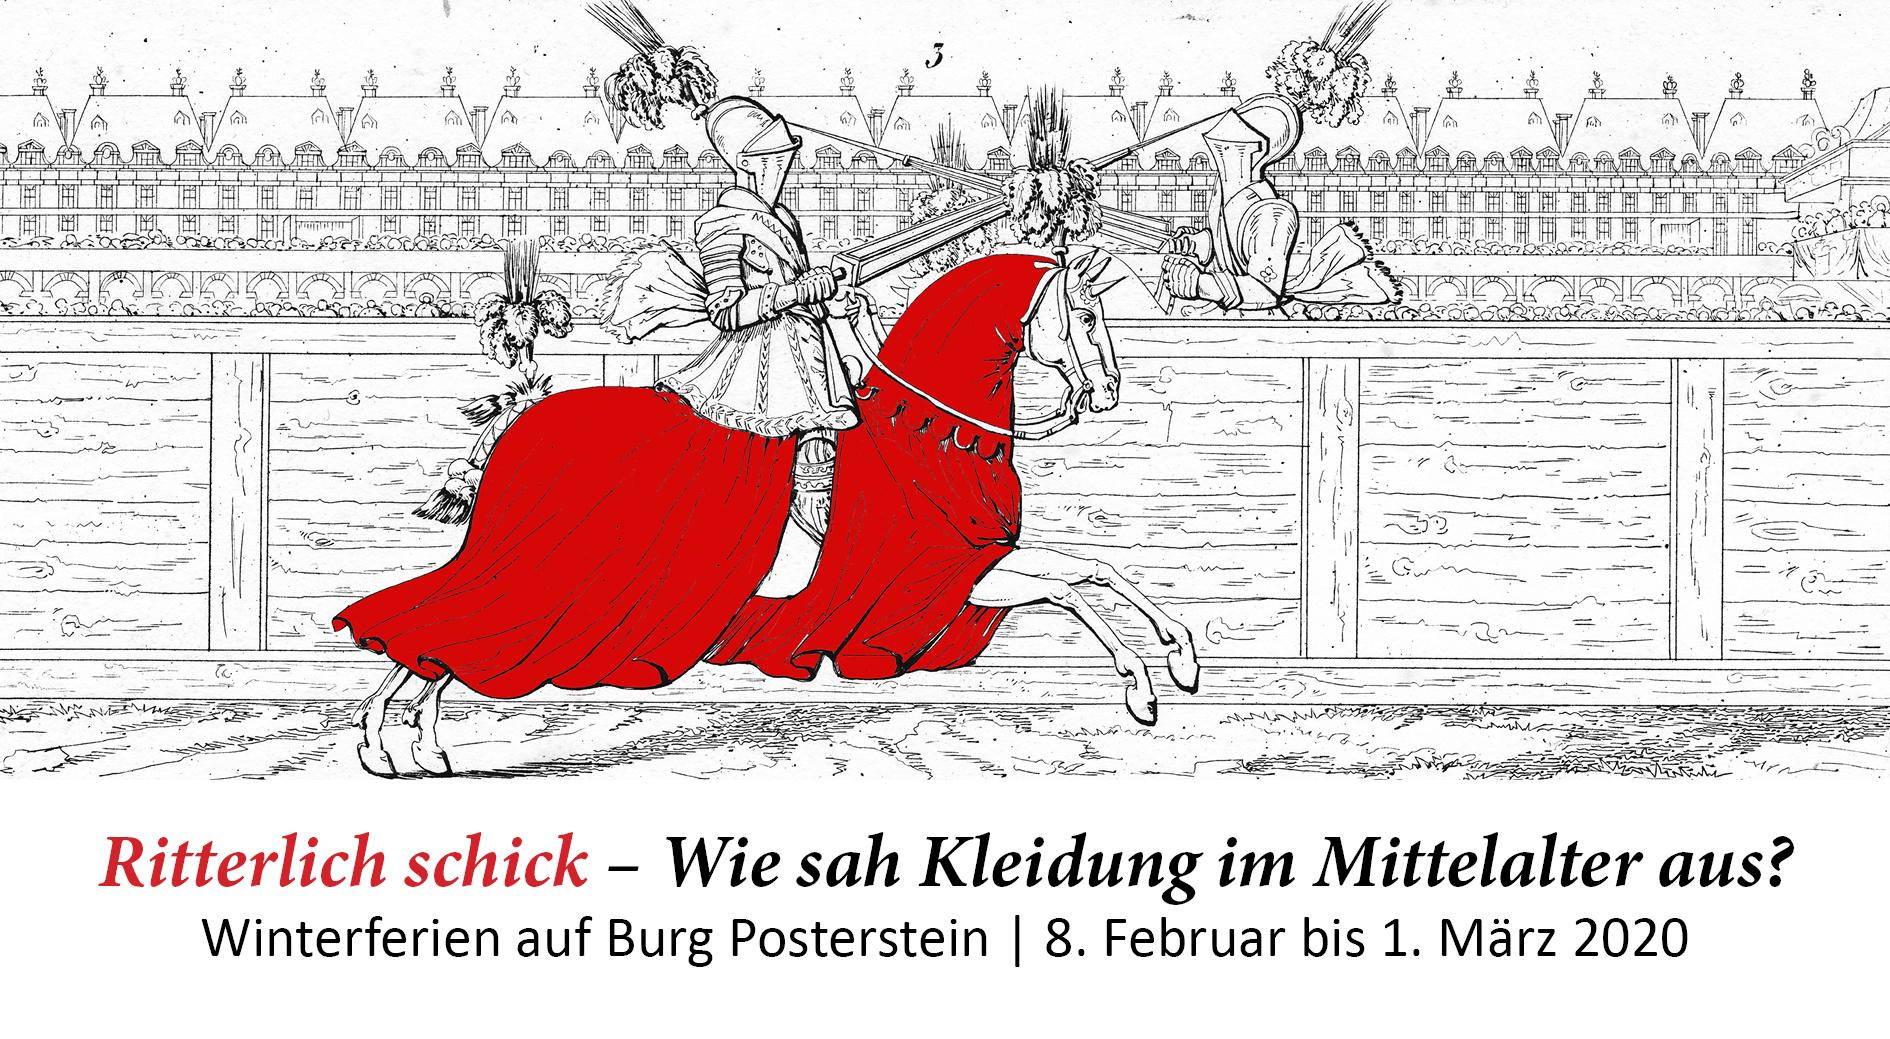 Winterferien auf Burg Posterstein: Ritterlich schick – Wie sah Kleidung im Mittelalter aus?